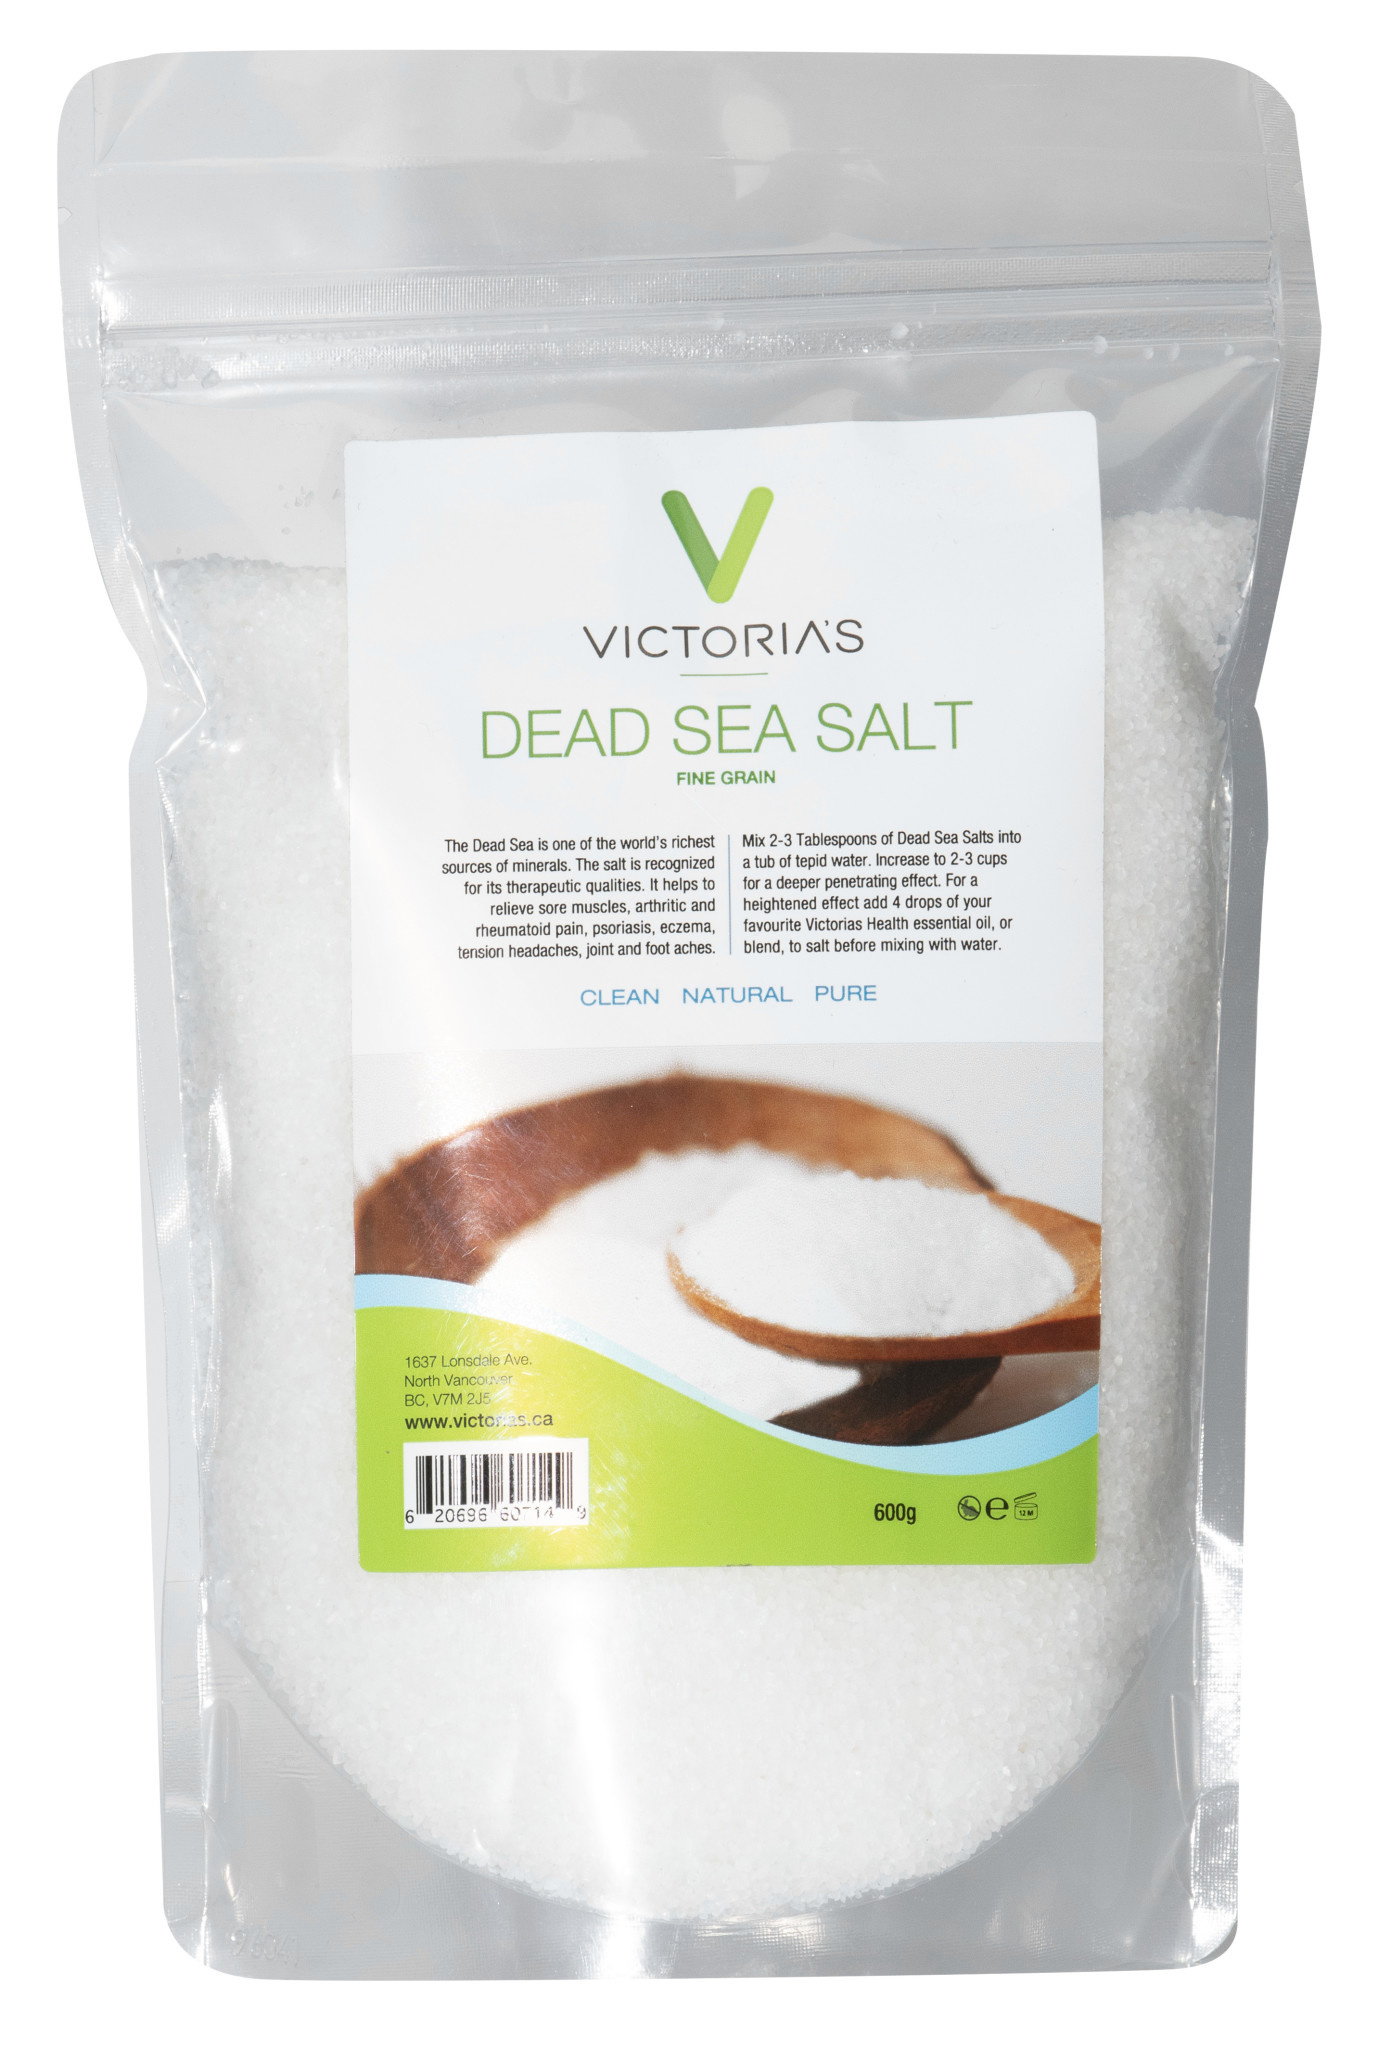 Victoria's Health House Brand Victoria's - Dead Sea Salt - Fine Grain - 600g